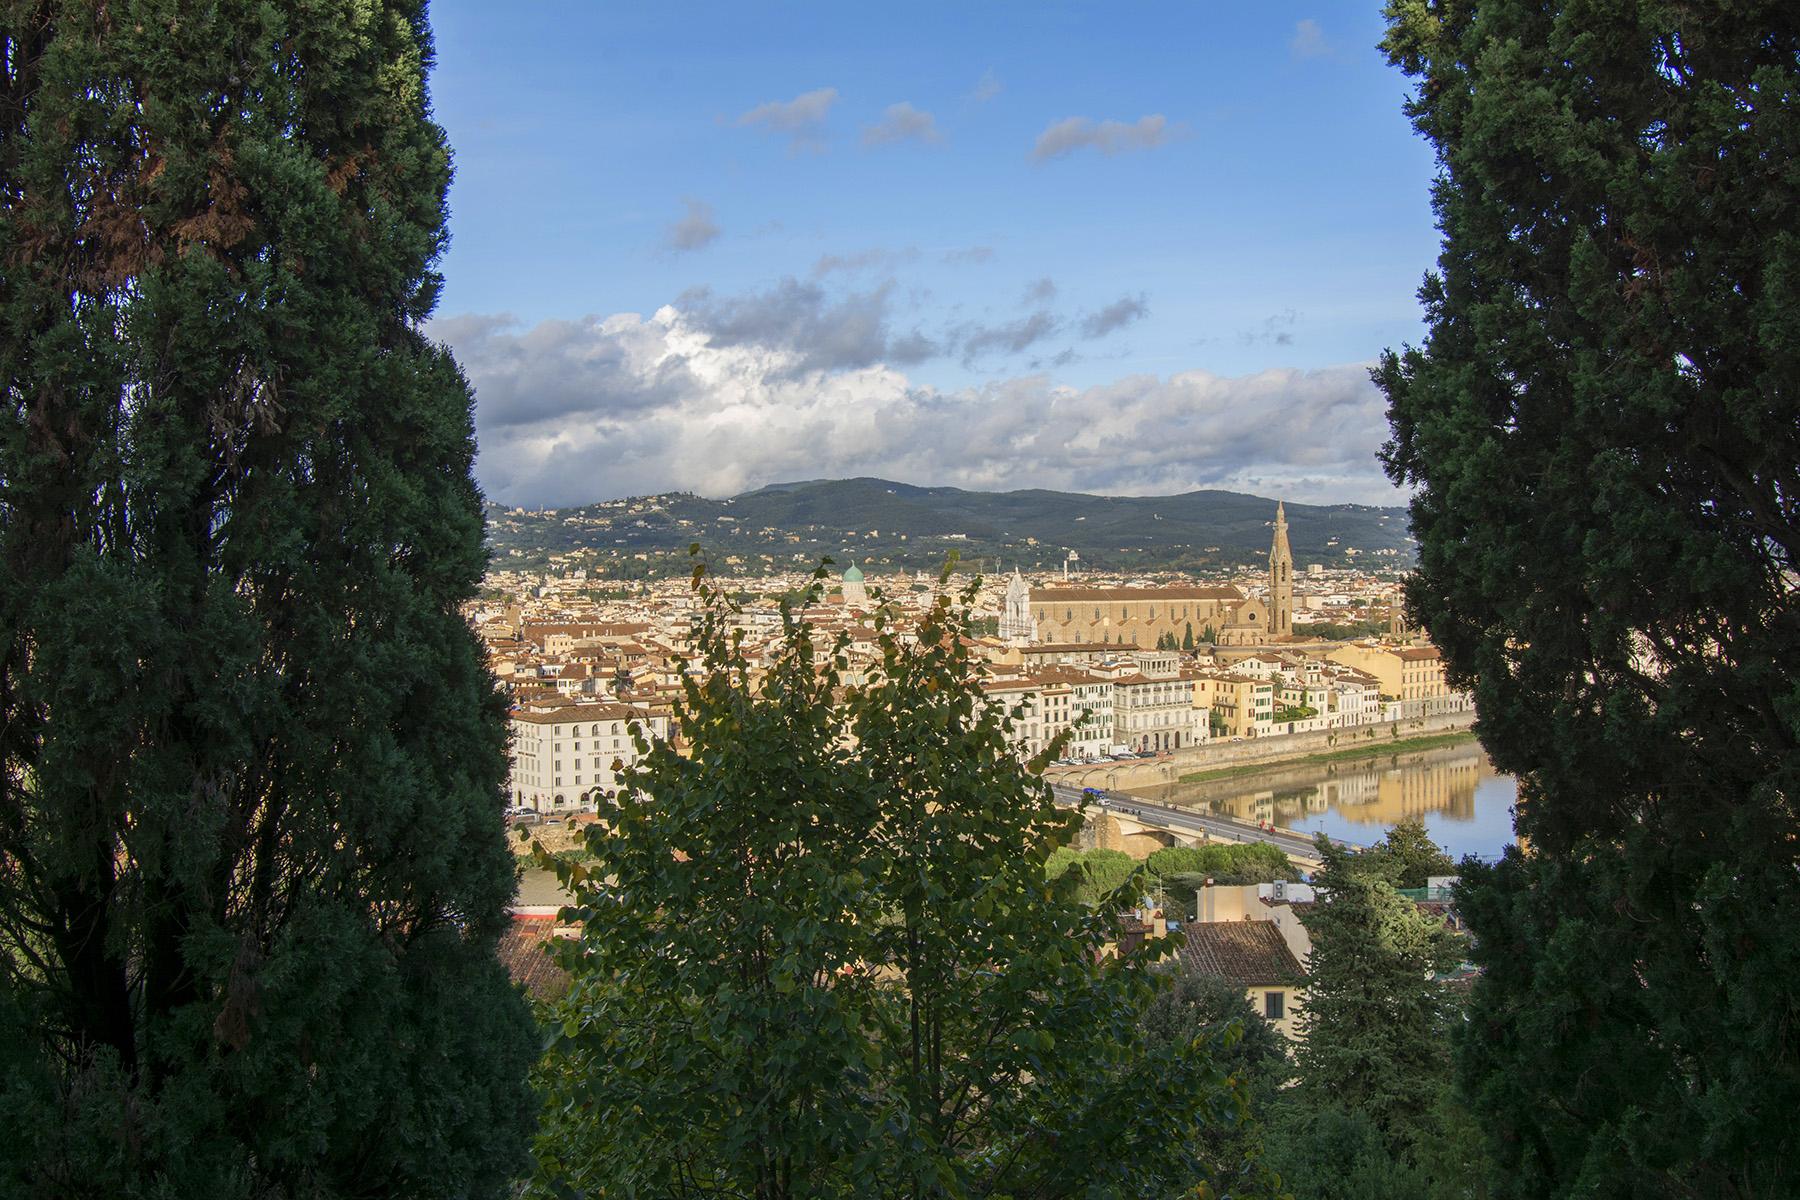 Appartamento in Vendita a Firenze Centro: 5 locali, 146 mq